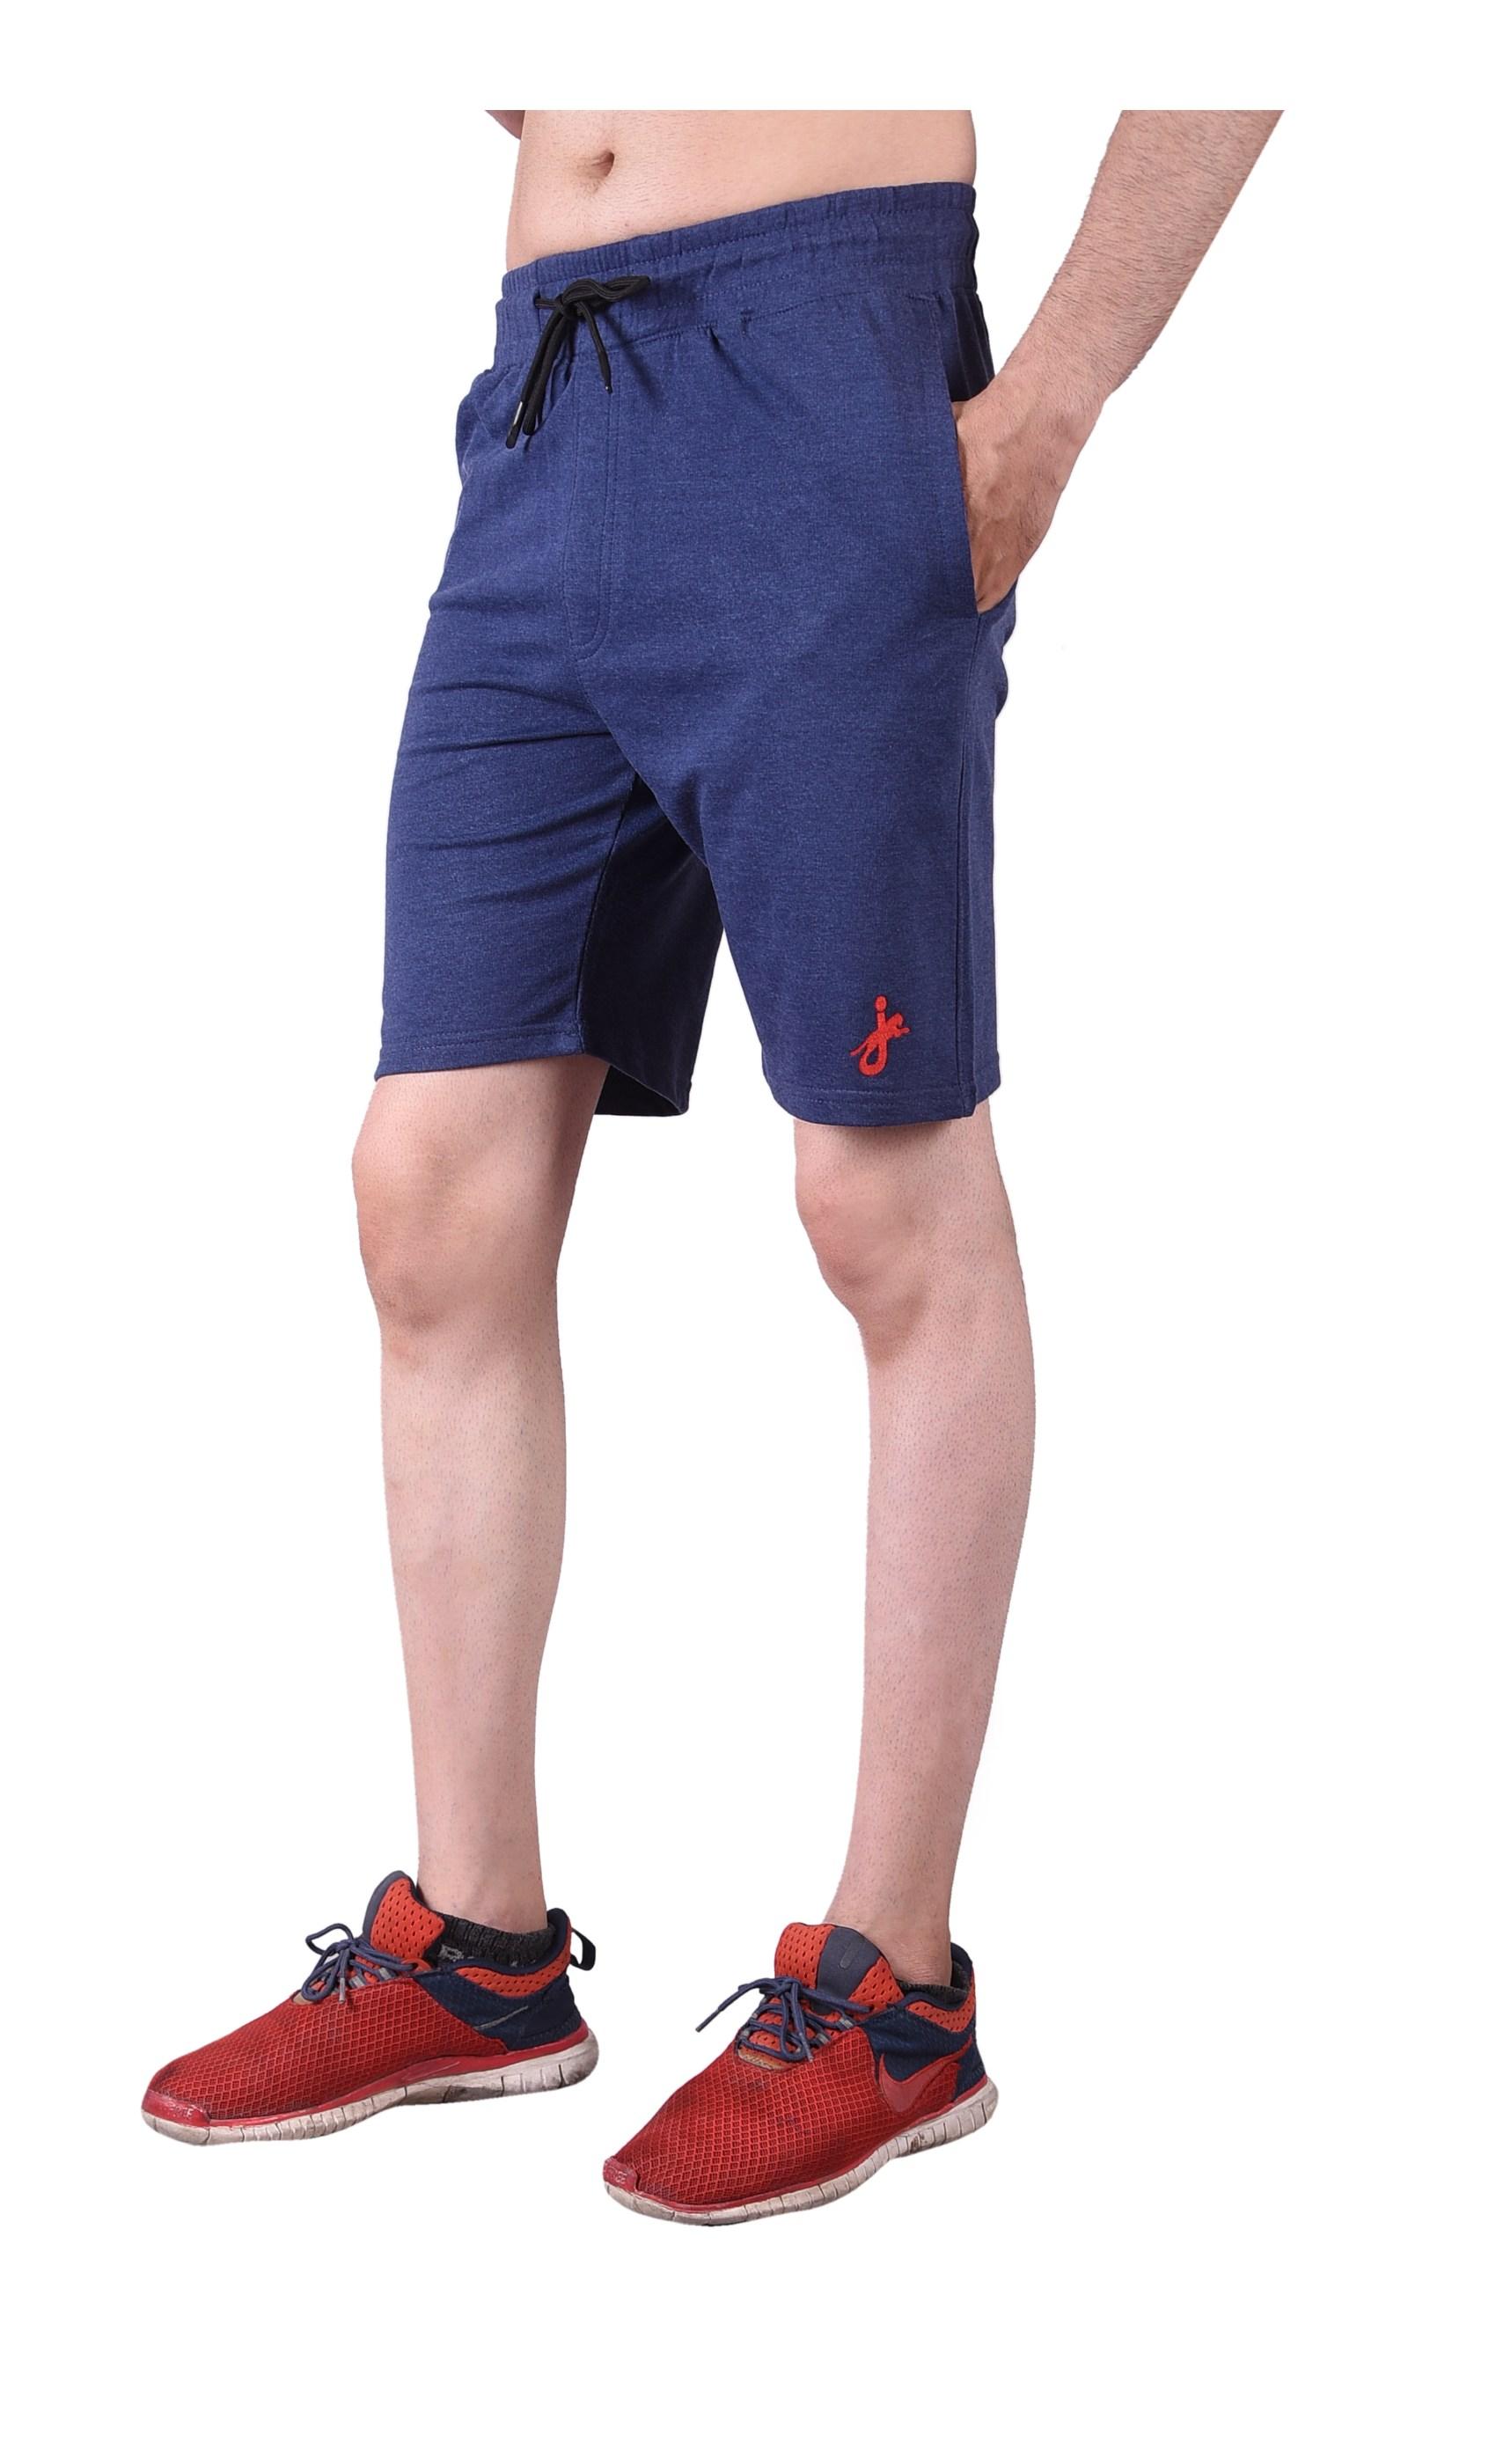 JAGURO | JAGURO Men's Cotton Shorts